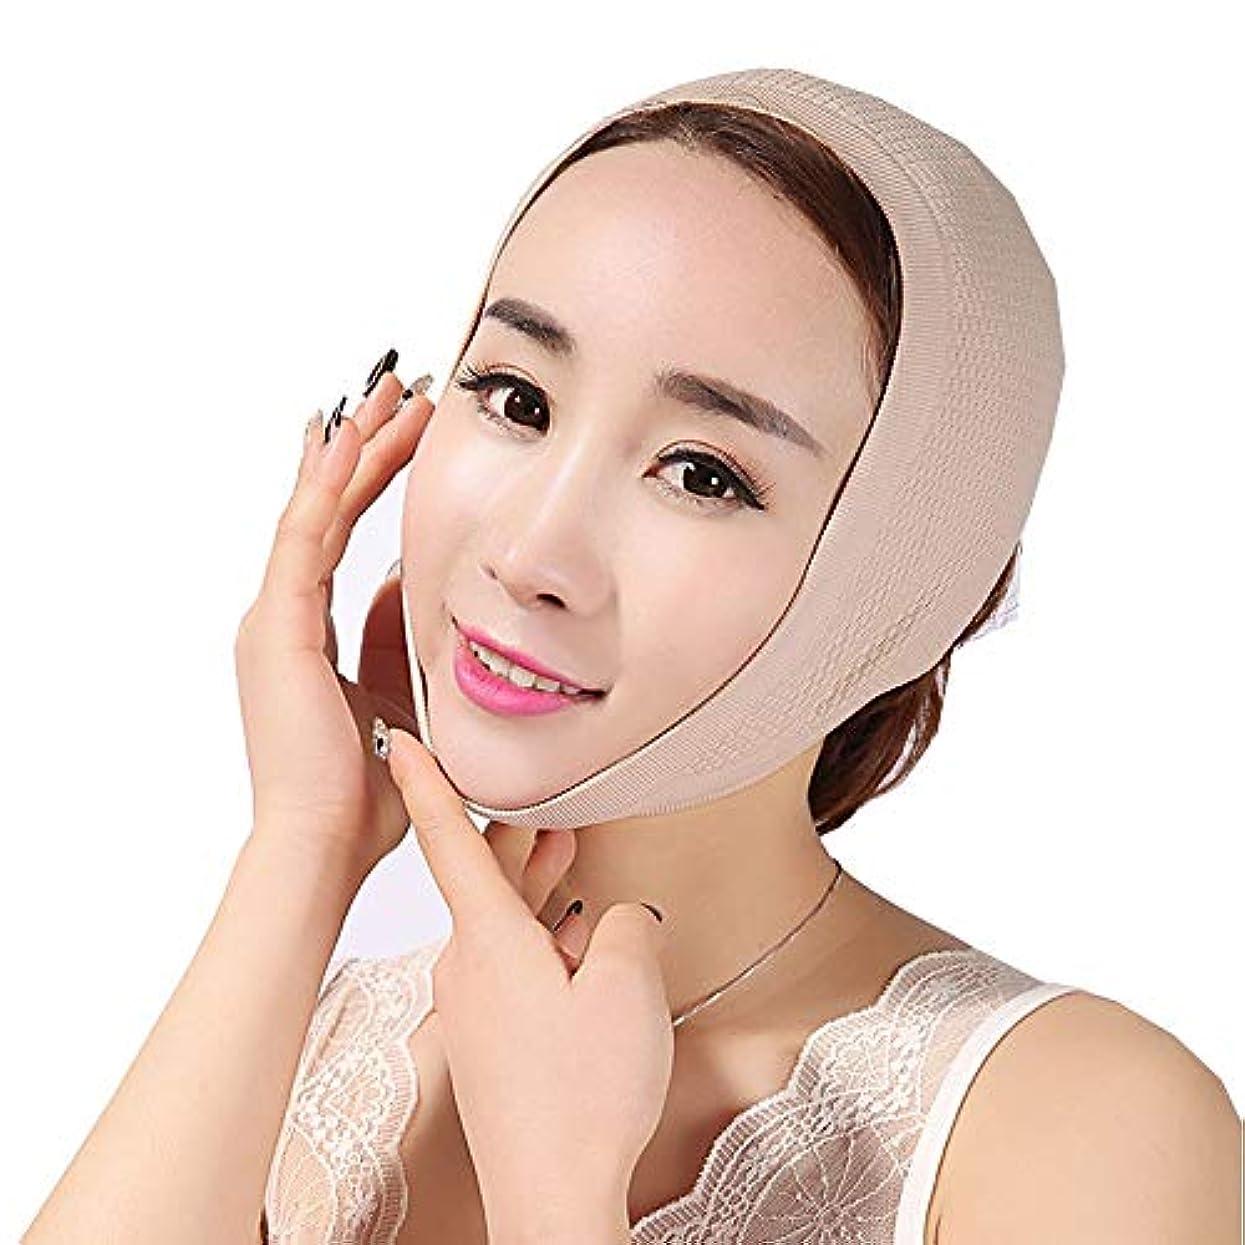 複製テロ勧めるフェイスマスクで眠る薄い顔フェイスリフトフェイスリフトアーティファクトスモールフェイスVフェイスリフト付きフェイスフェイス包帯引き上げジョーセット